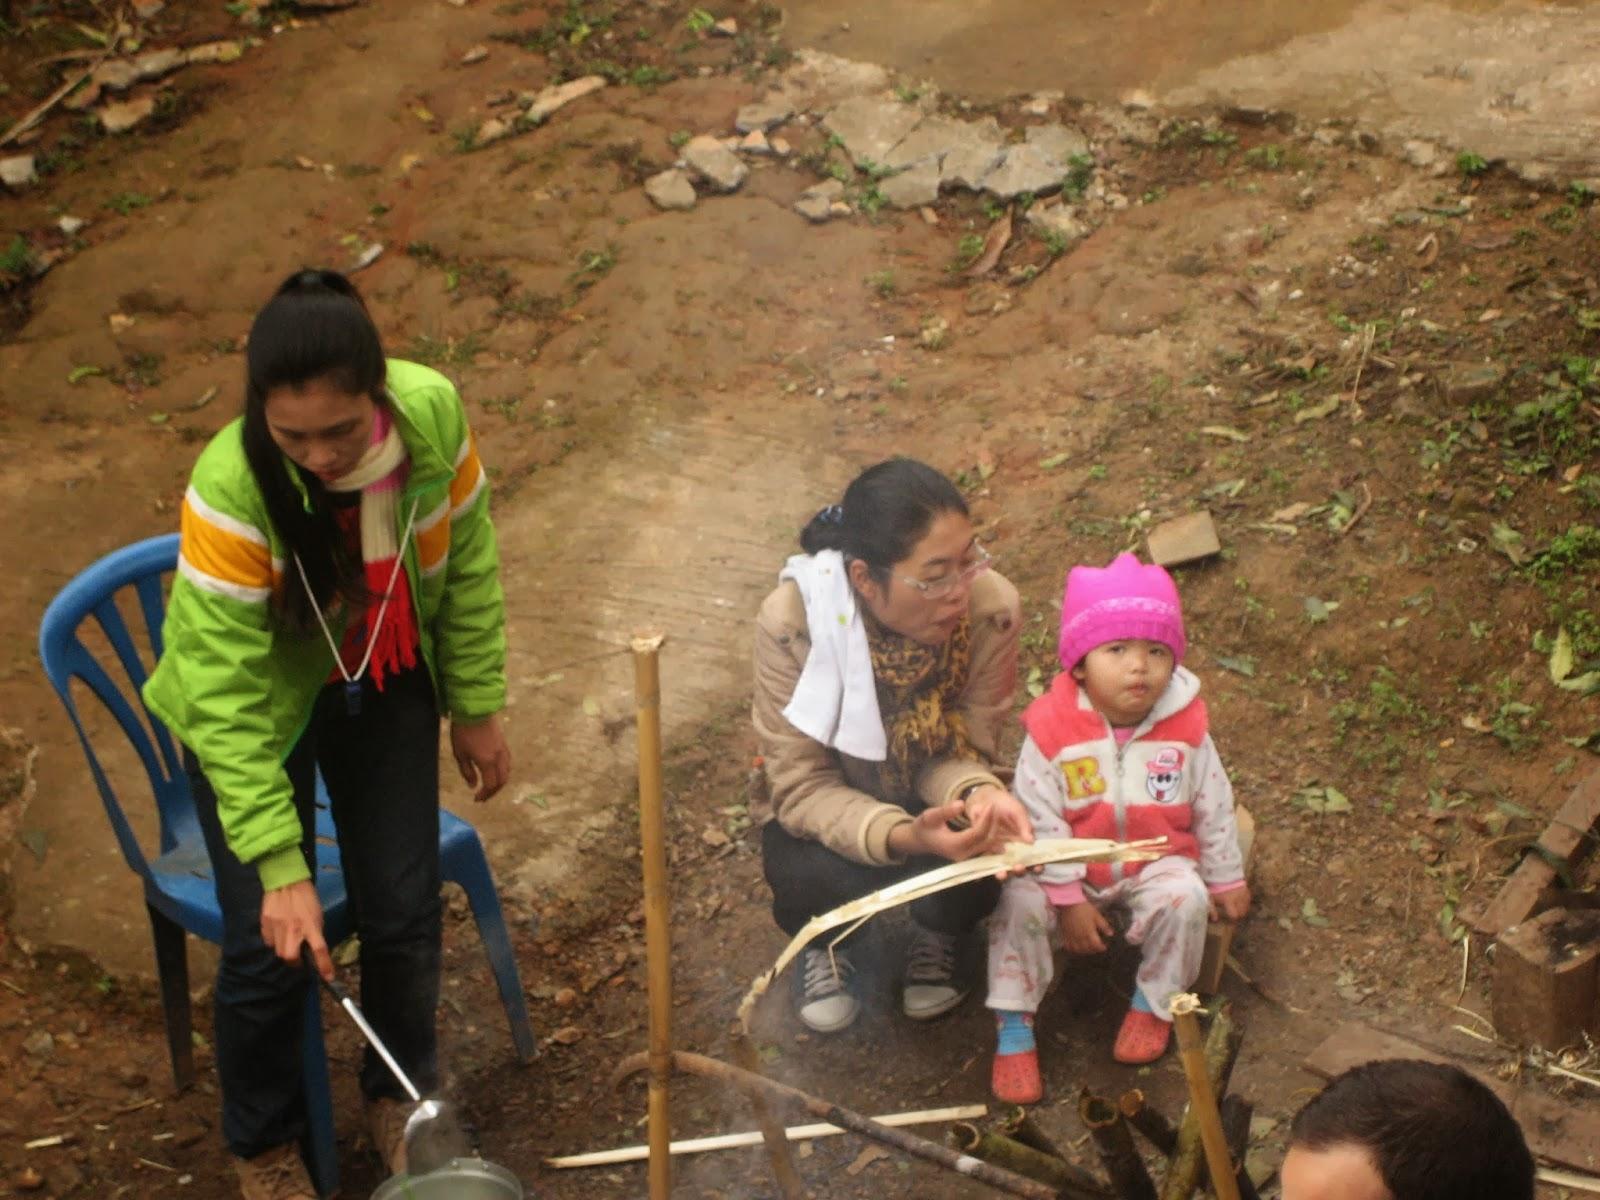 north-thailand-rural-village-people